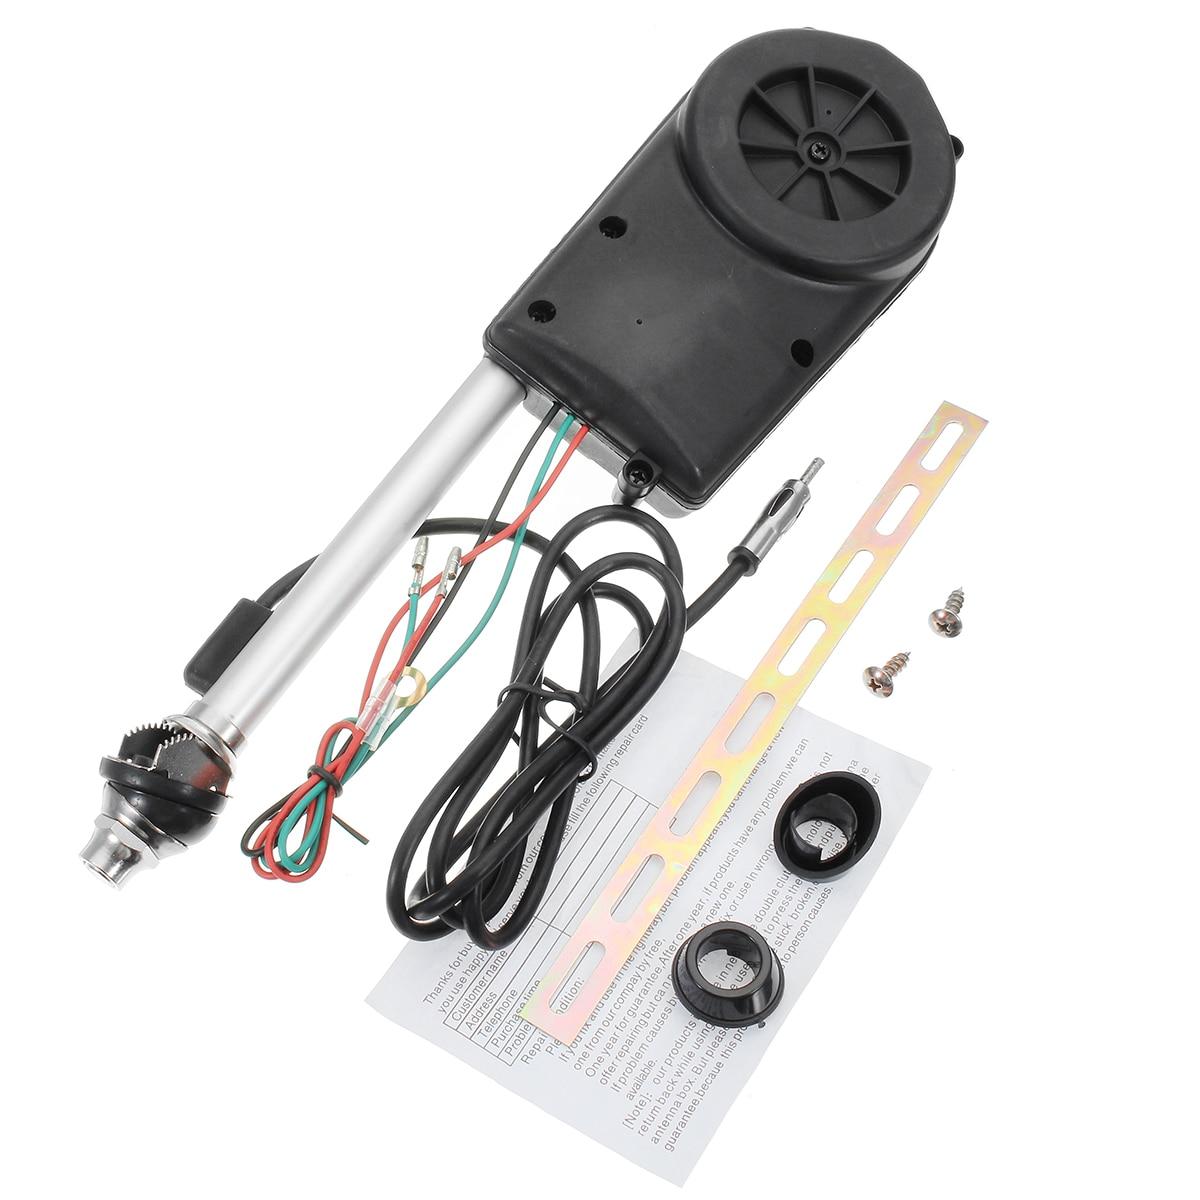 سيارة قابل للسحب هوائي سيارة الجوي هوائي الكهربائية راديو كارو 12 V FM/AM التلقائي الجوي التصميم العالمي